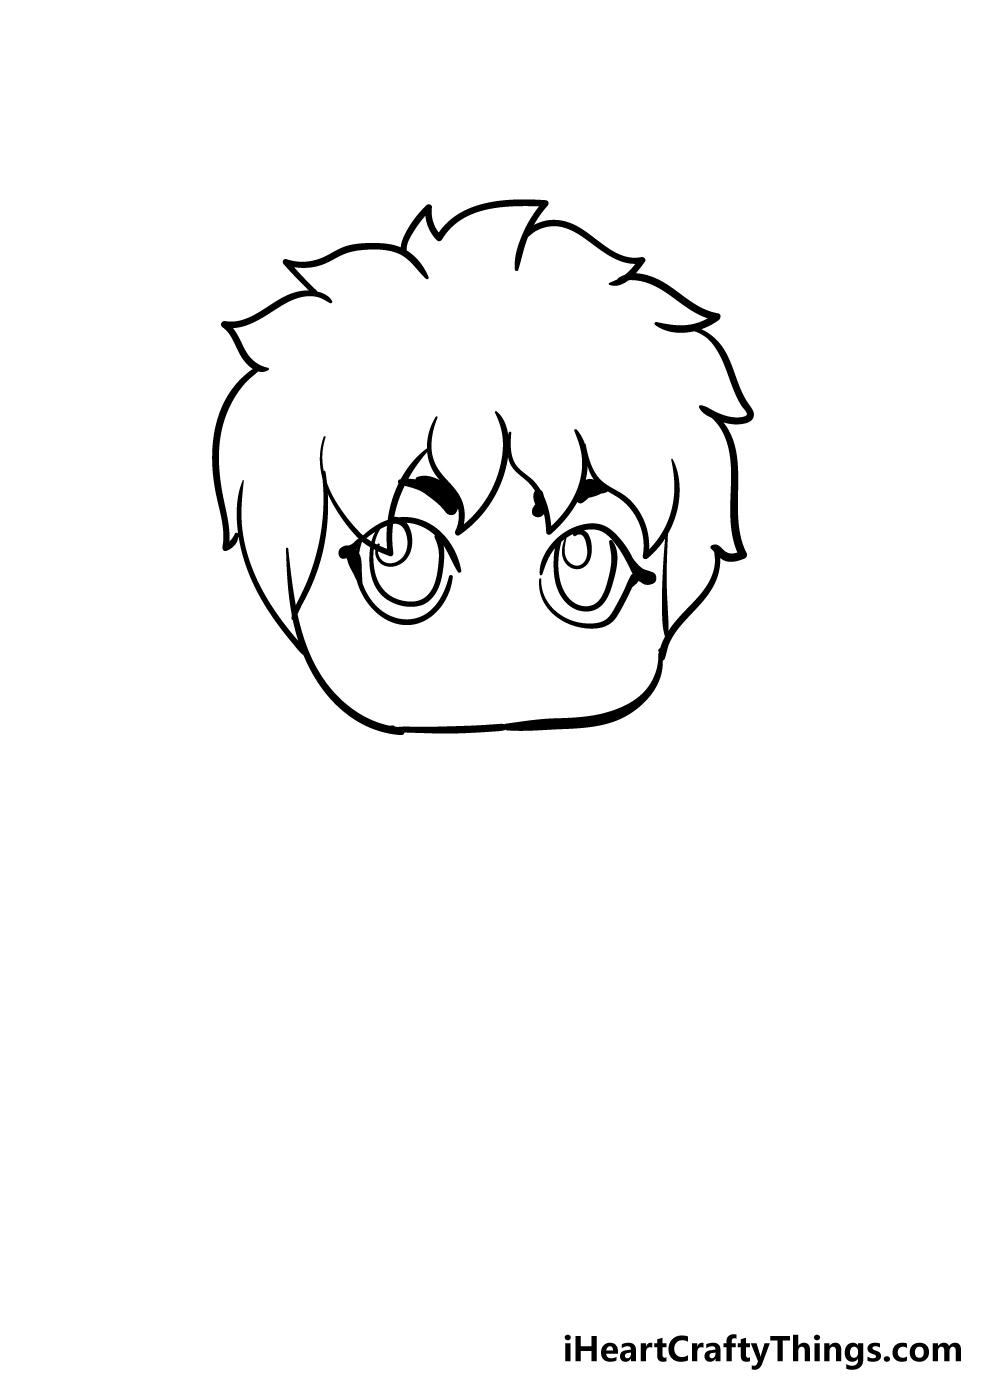 chibi drawing step 6